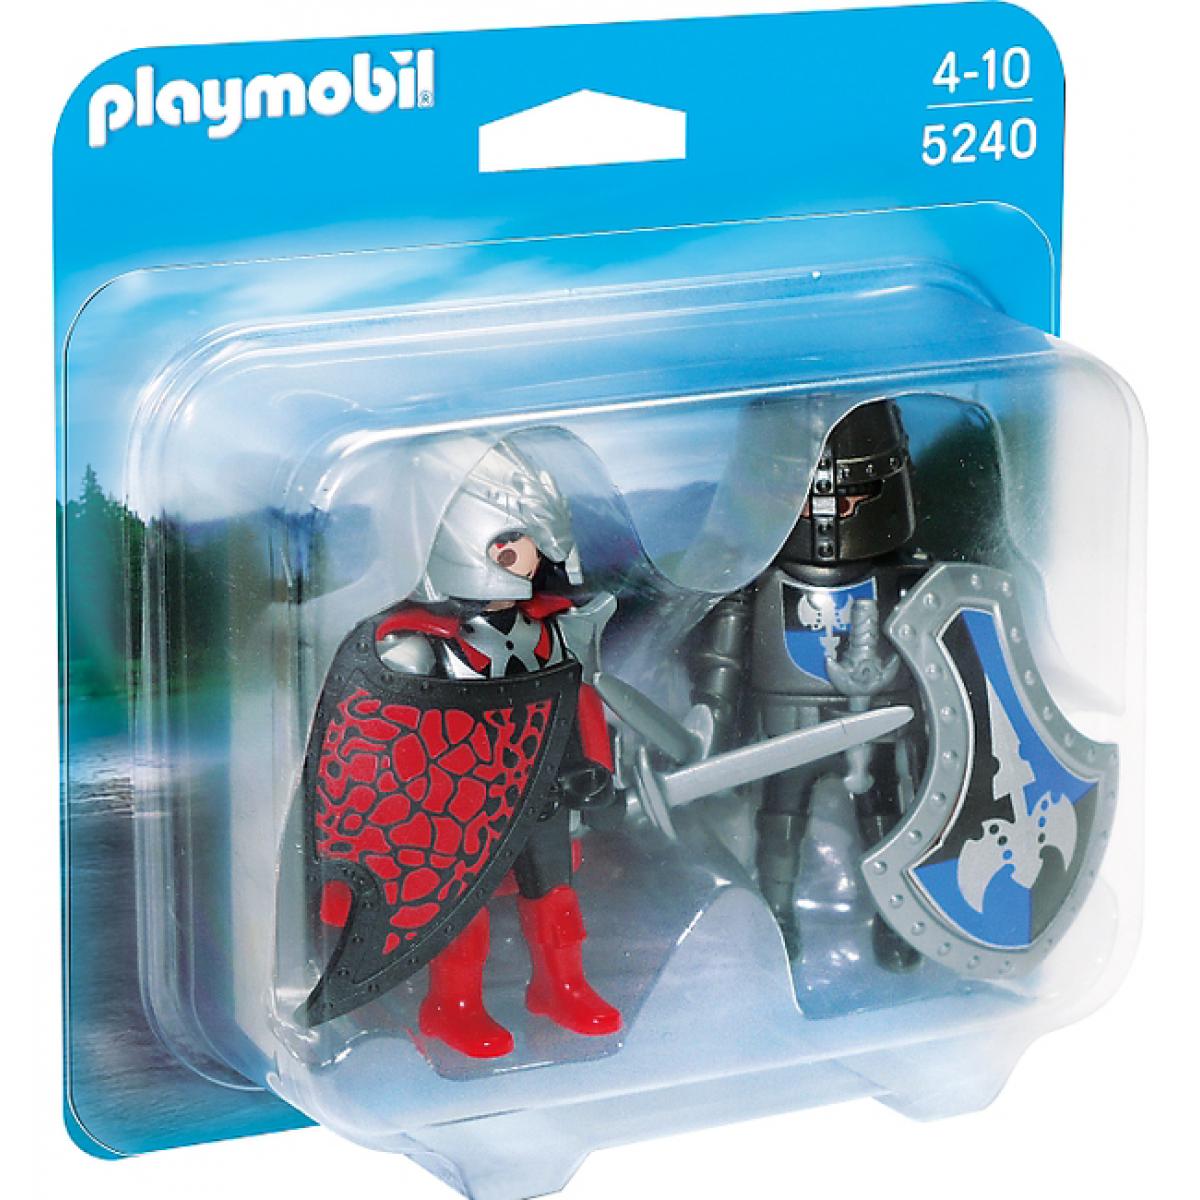 Playmobil 5240 - Duo Pack Rytířský souboj